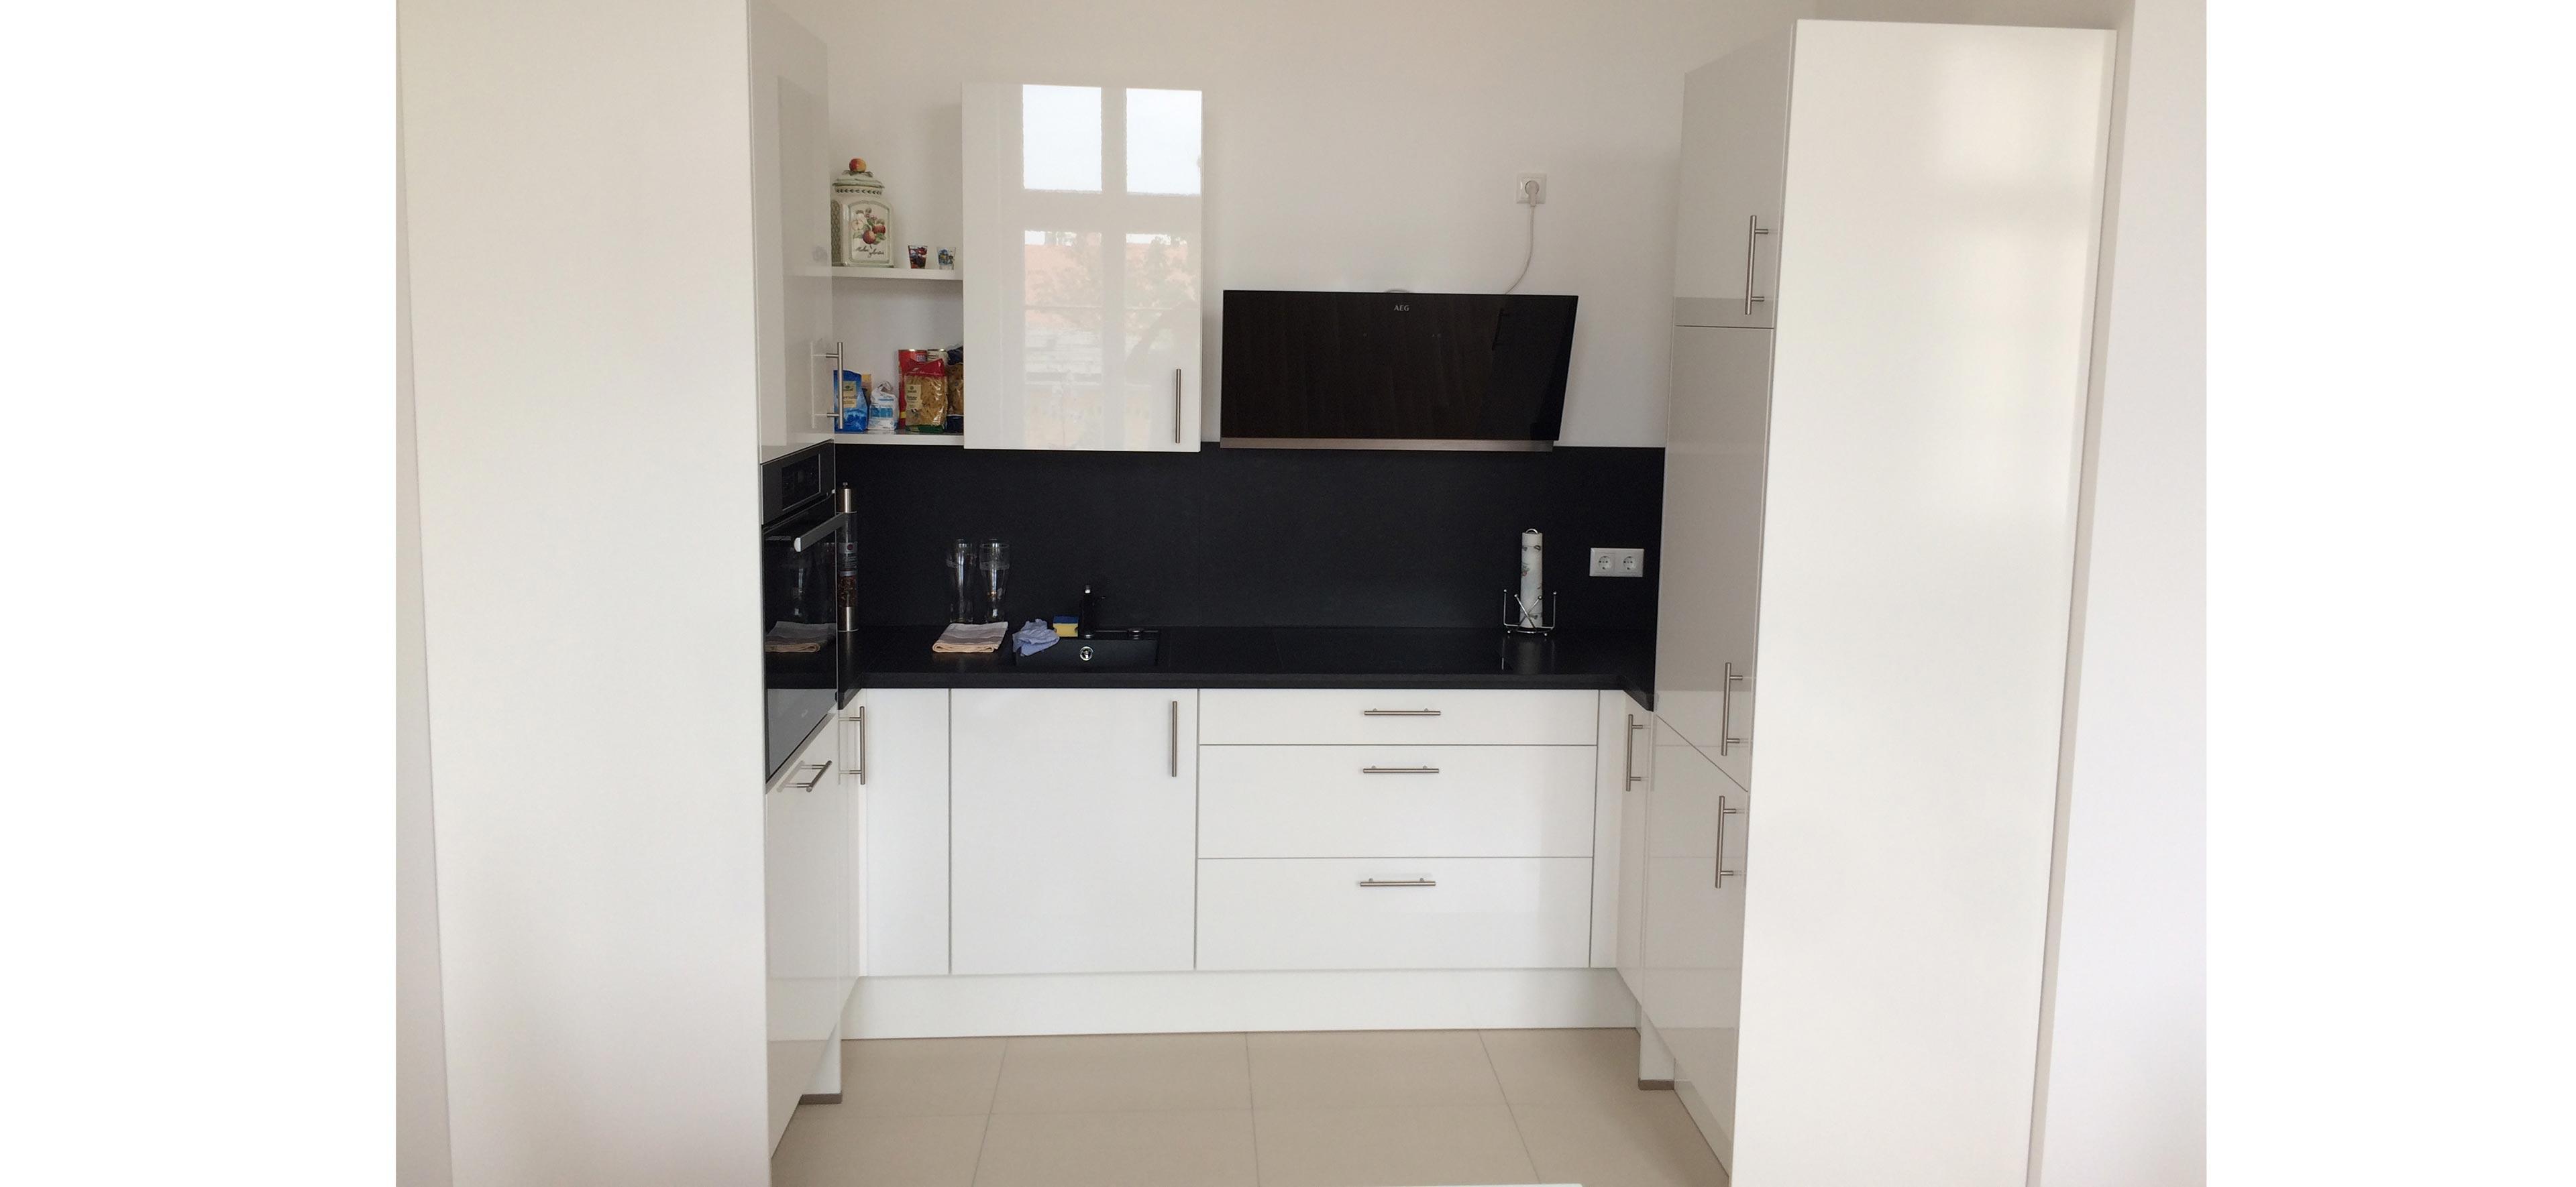 Nützliche Planungstipps für kleine Küchen inklusive 360 Grad ...